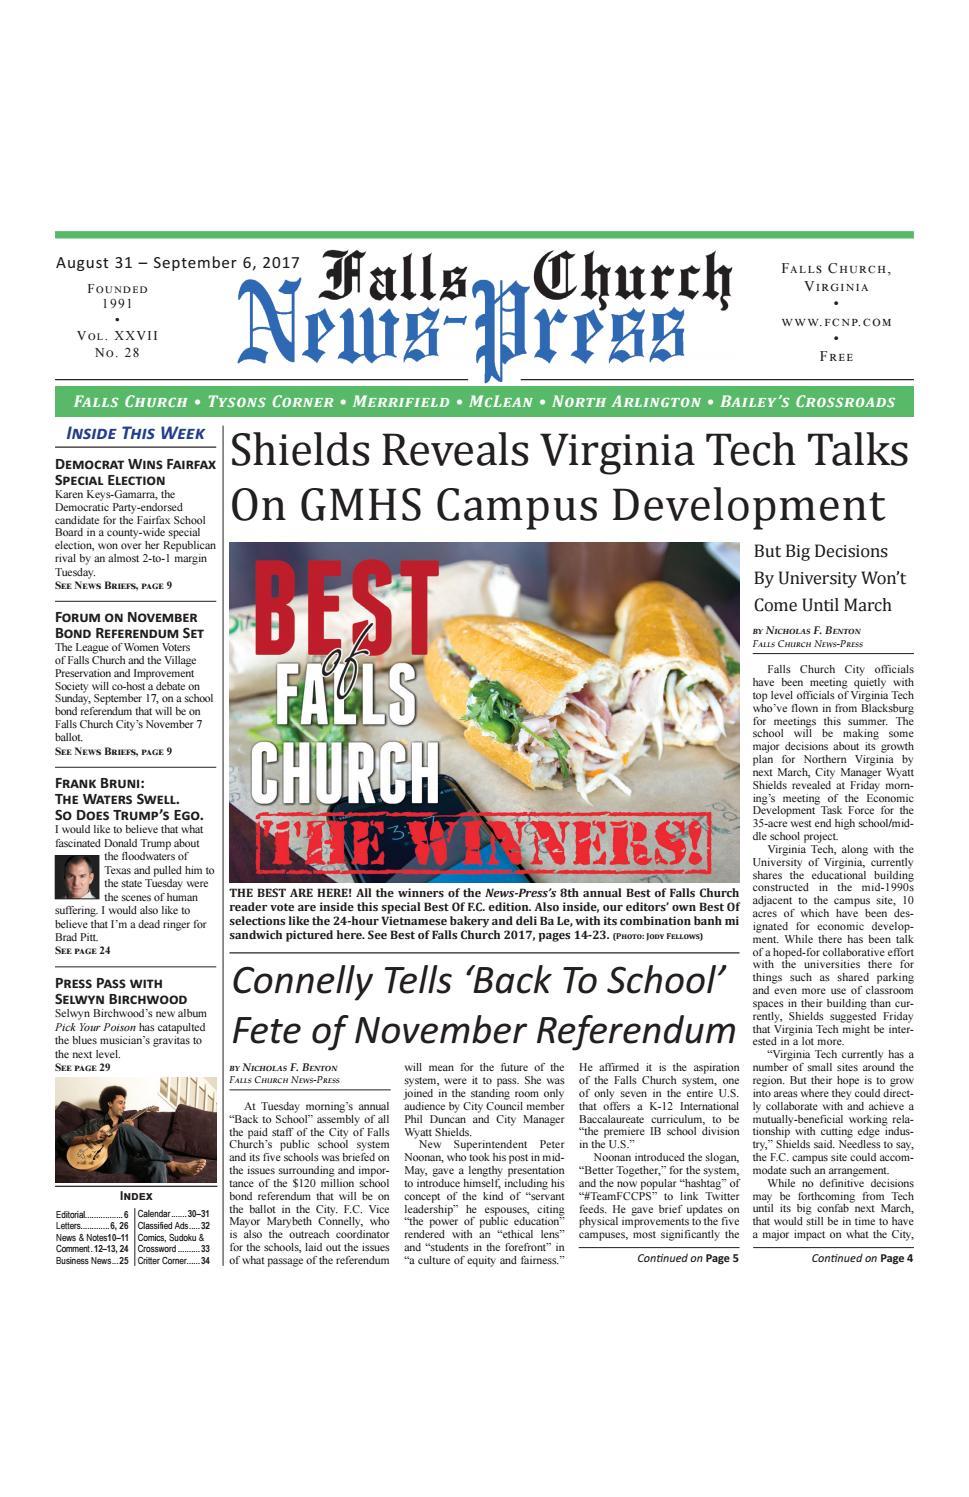 Falls Church News Press 8 31 2017 By Falls Church News Press Issuu